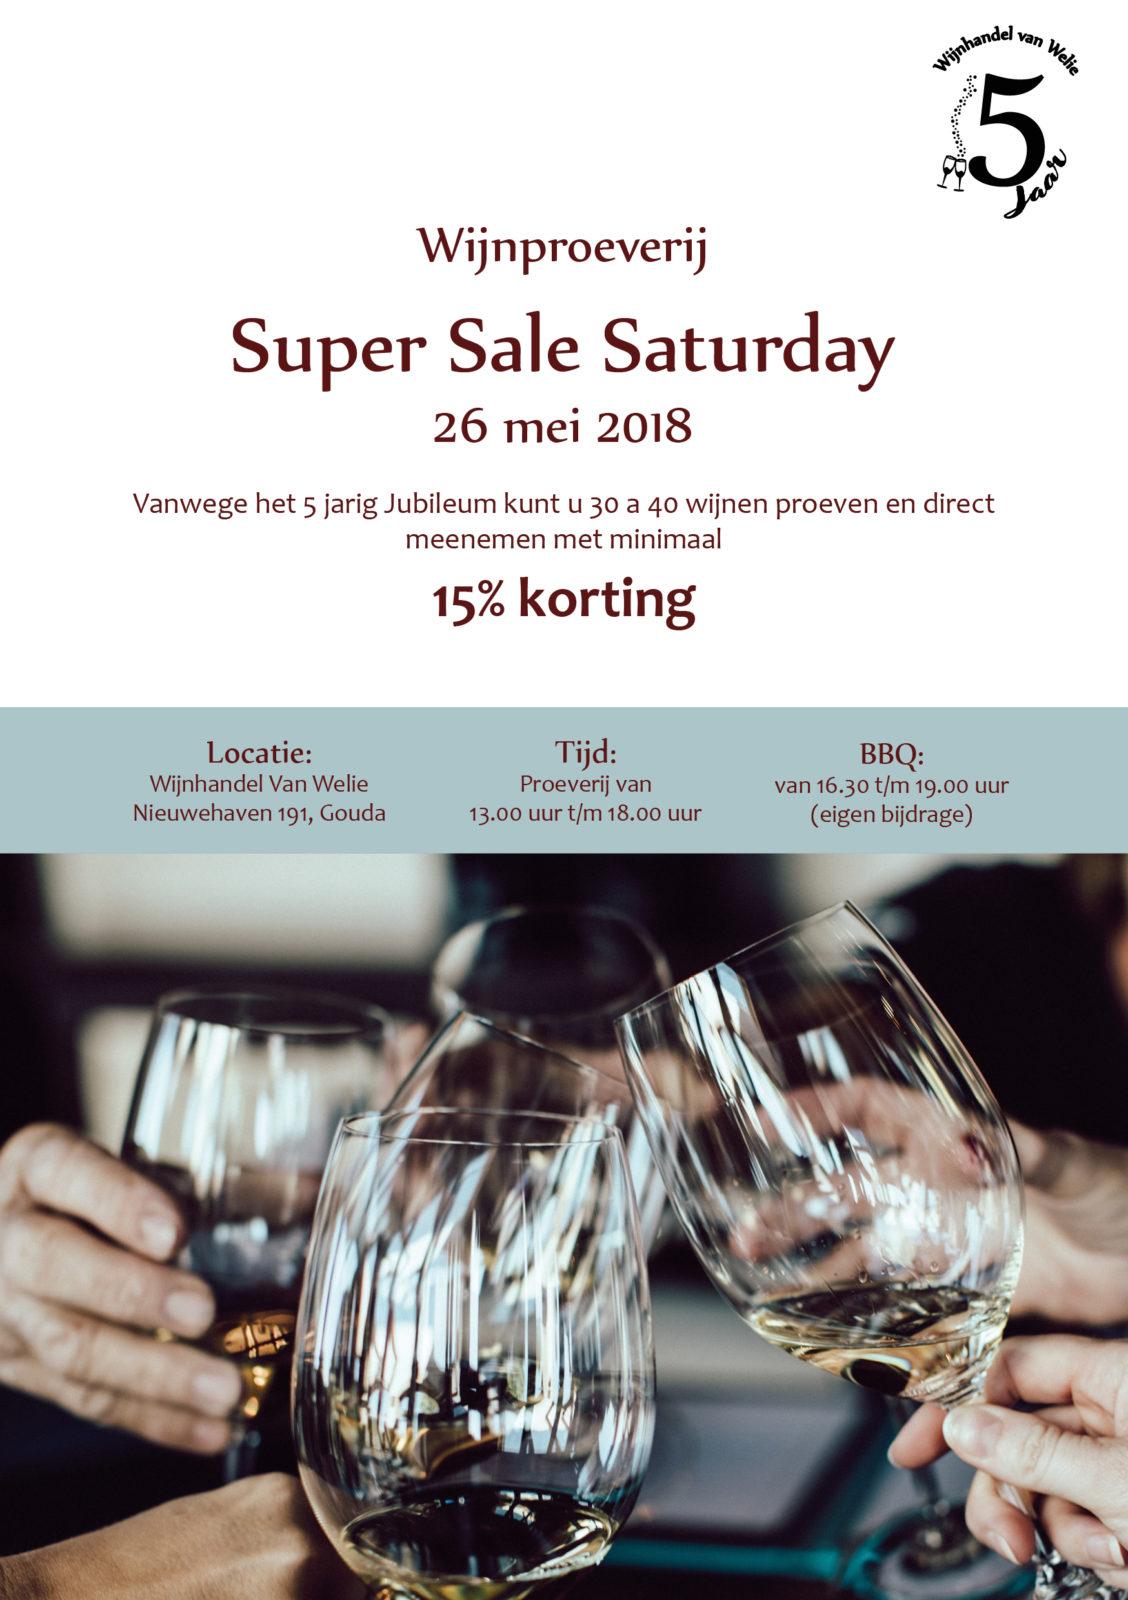 WIjnproeverij Super Sale Saturday bij Wijnhandel van Welie in Gouda. 30 wijnen van hoge kwaliteit met tot wel 50% korting.